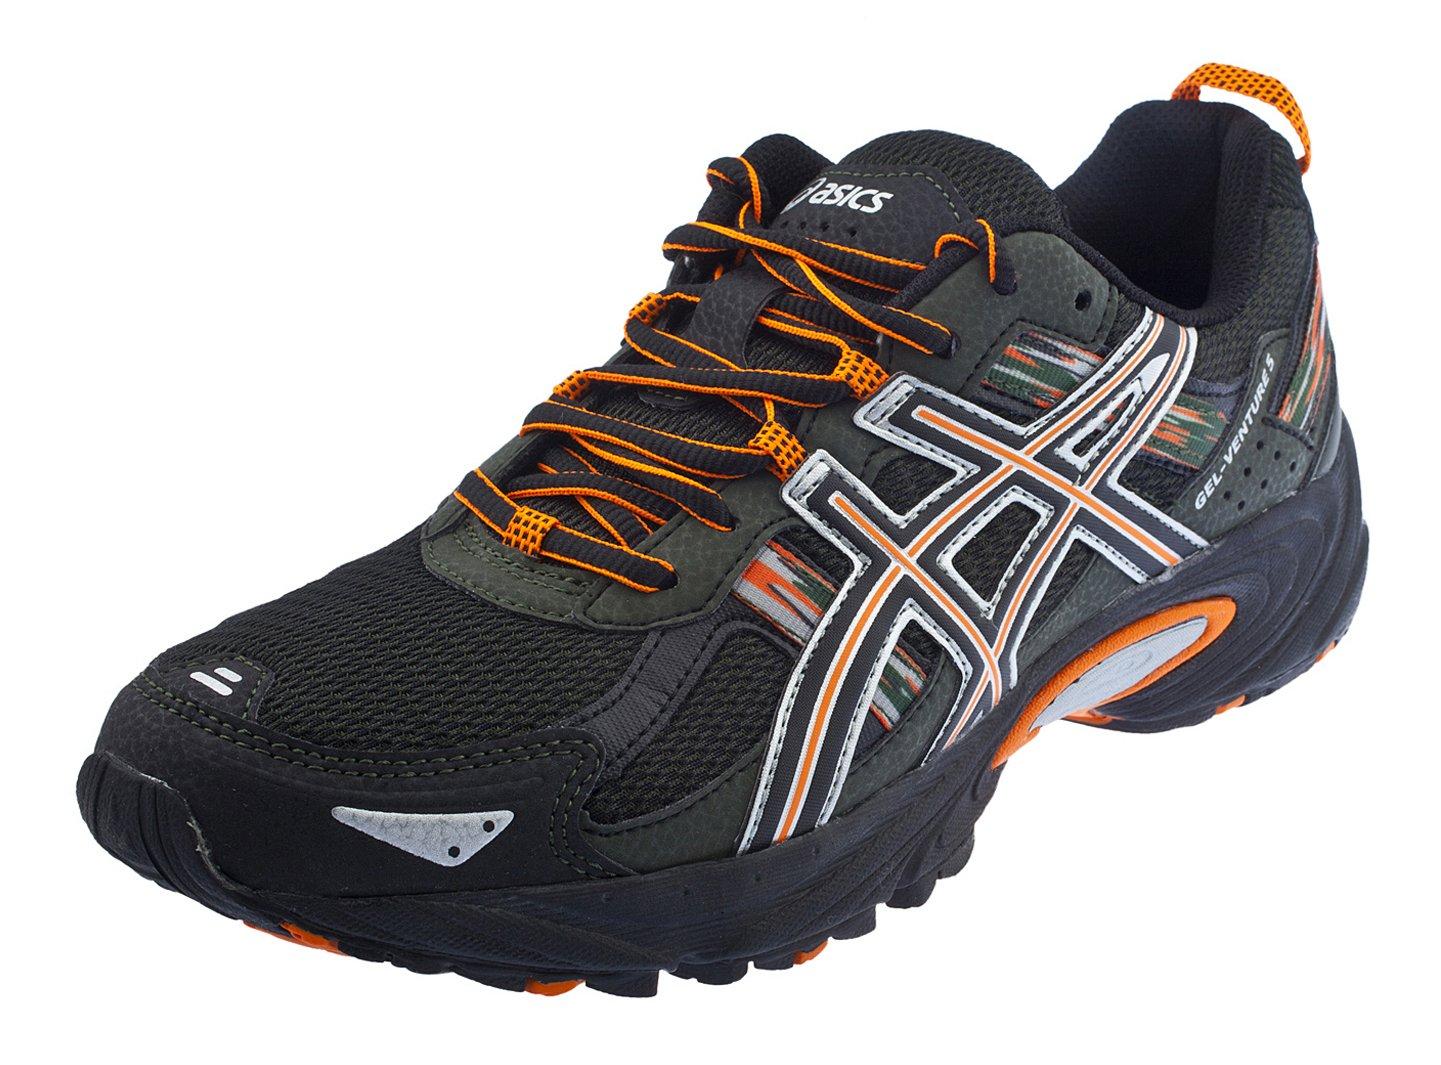 105efdee7b50 Galleon - ASICS Men s Gel Venture 5 Running Shoe (9.5 D(M) US